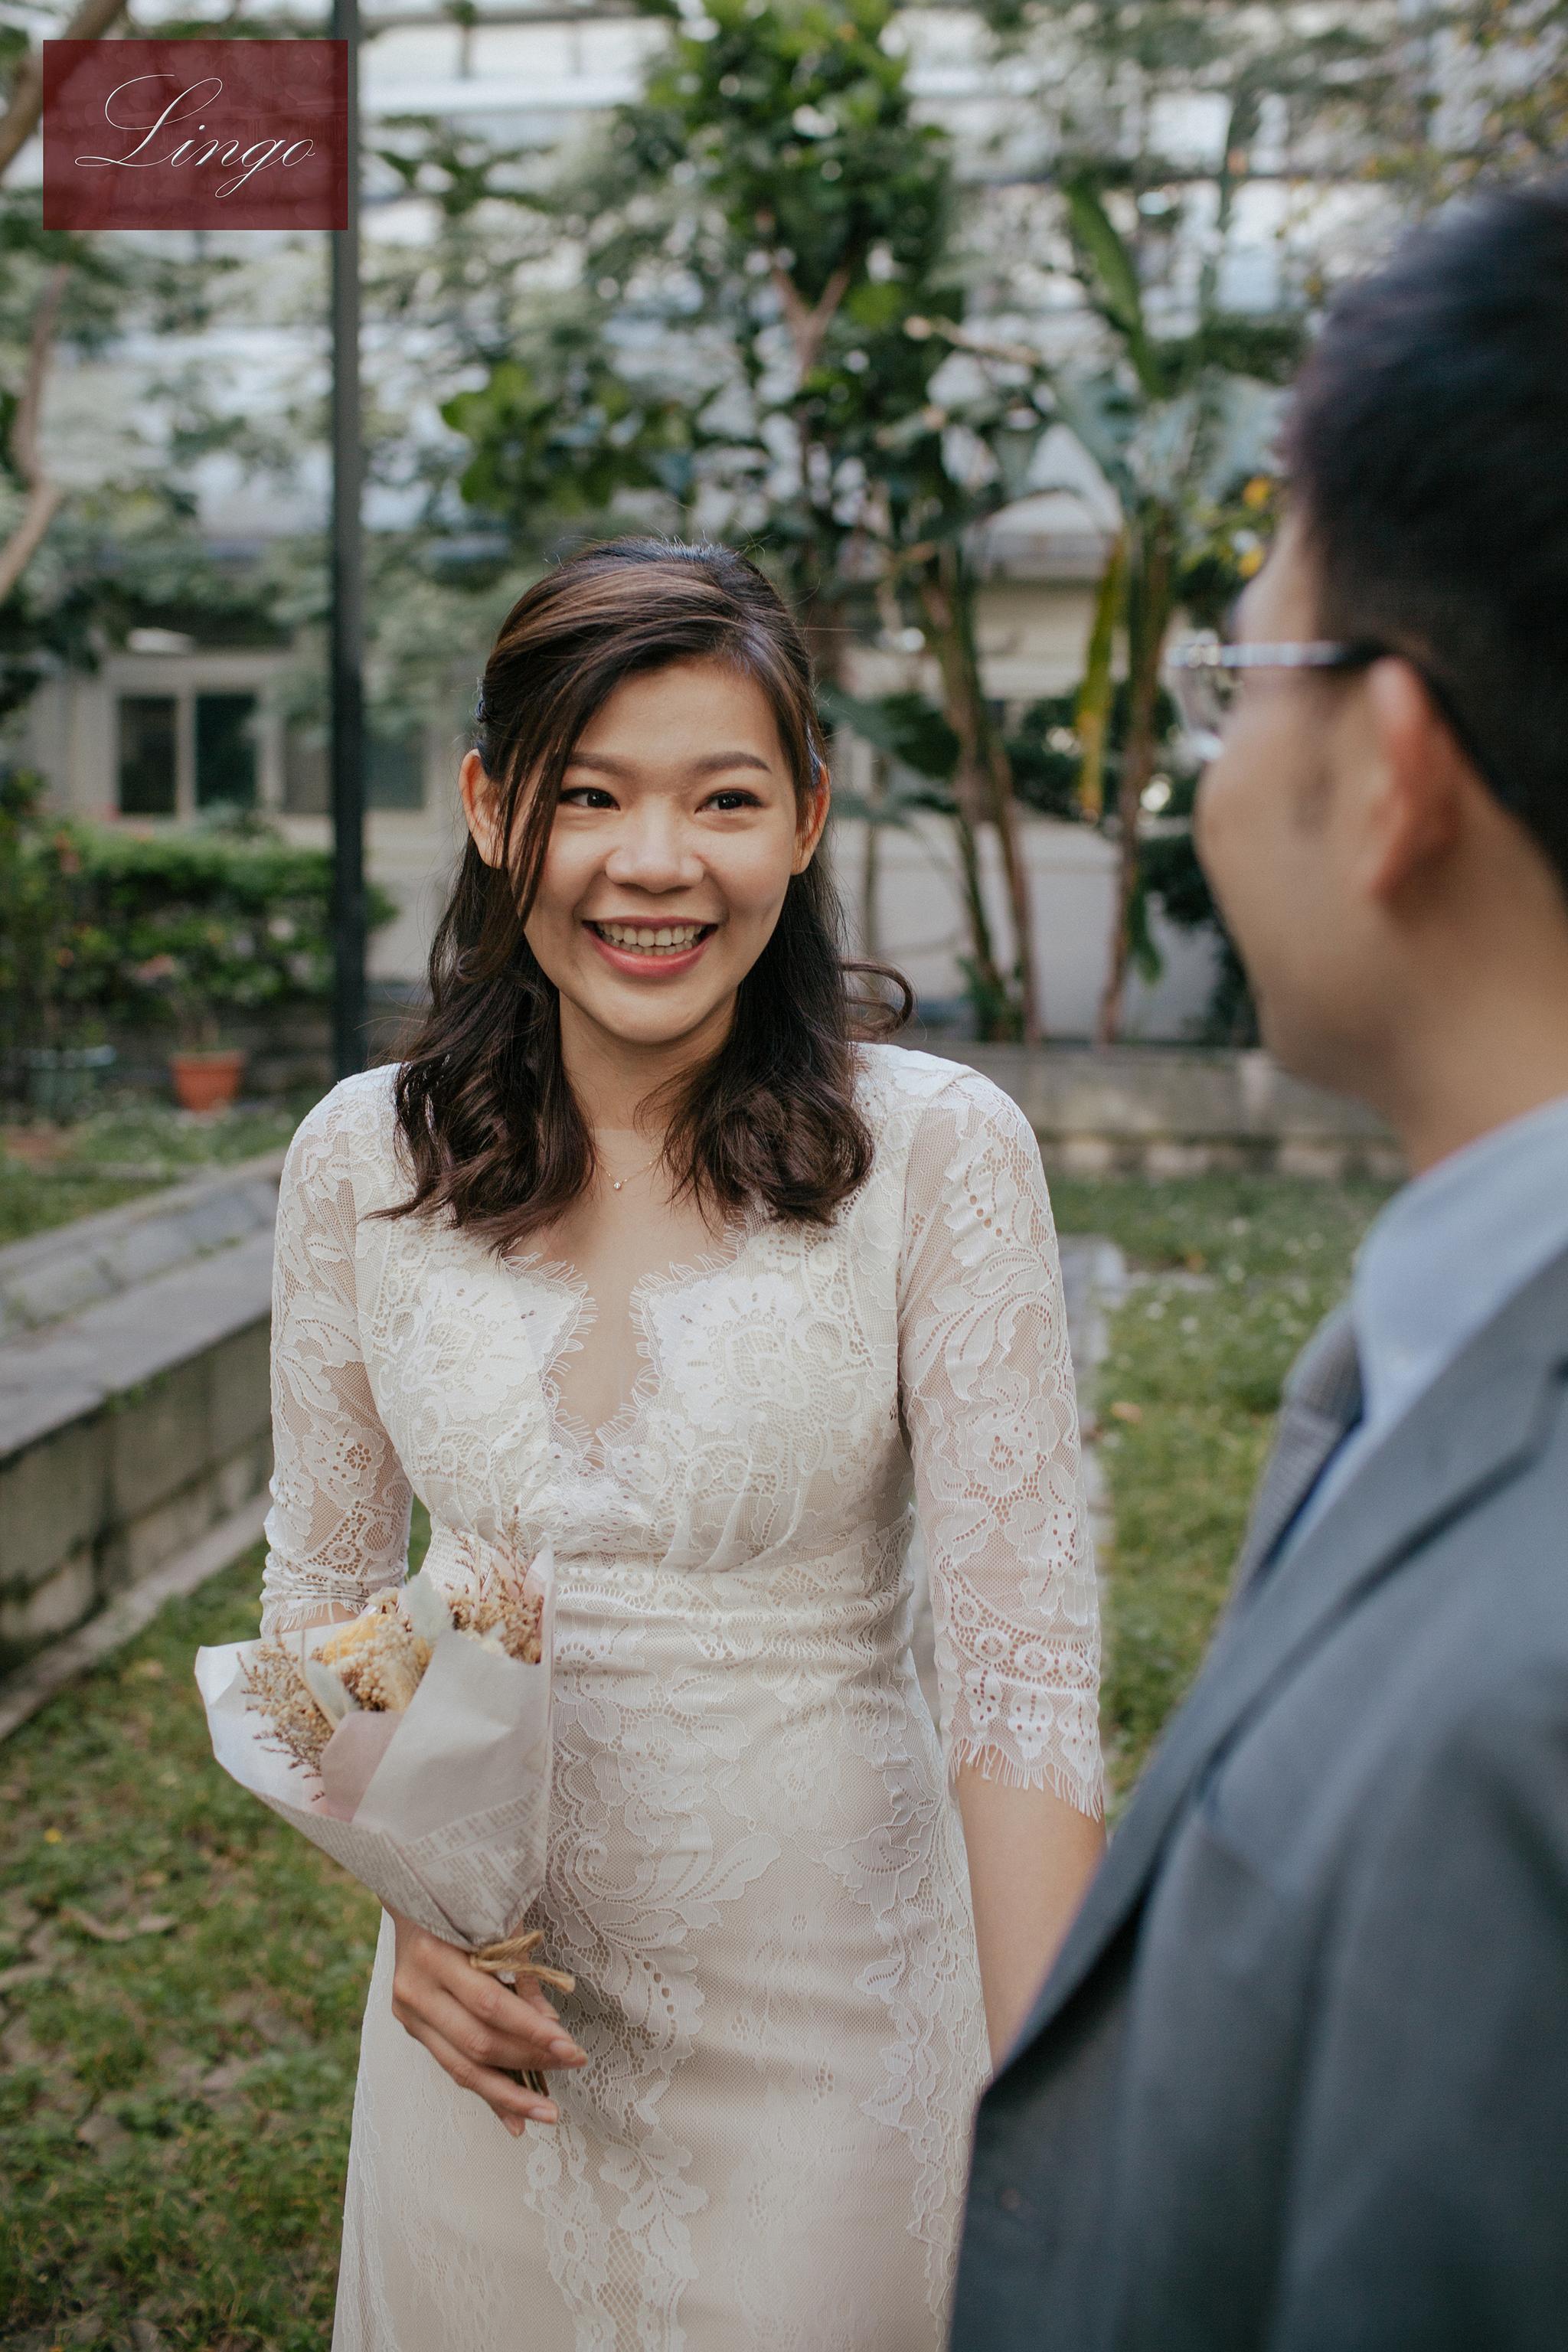 Lingo image -Bridal 65